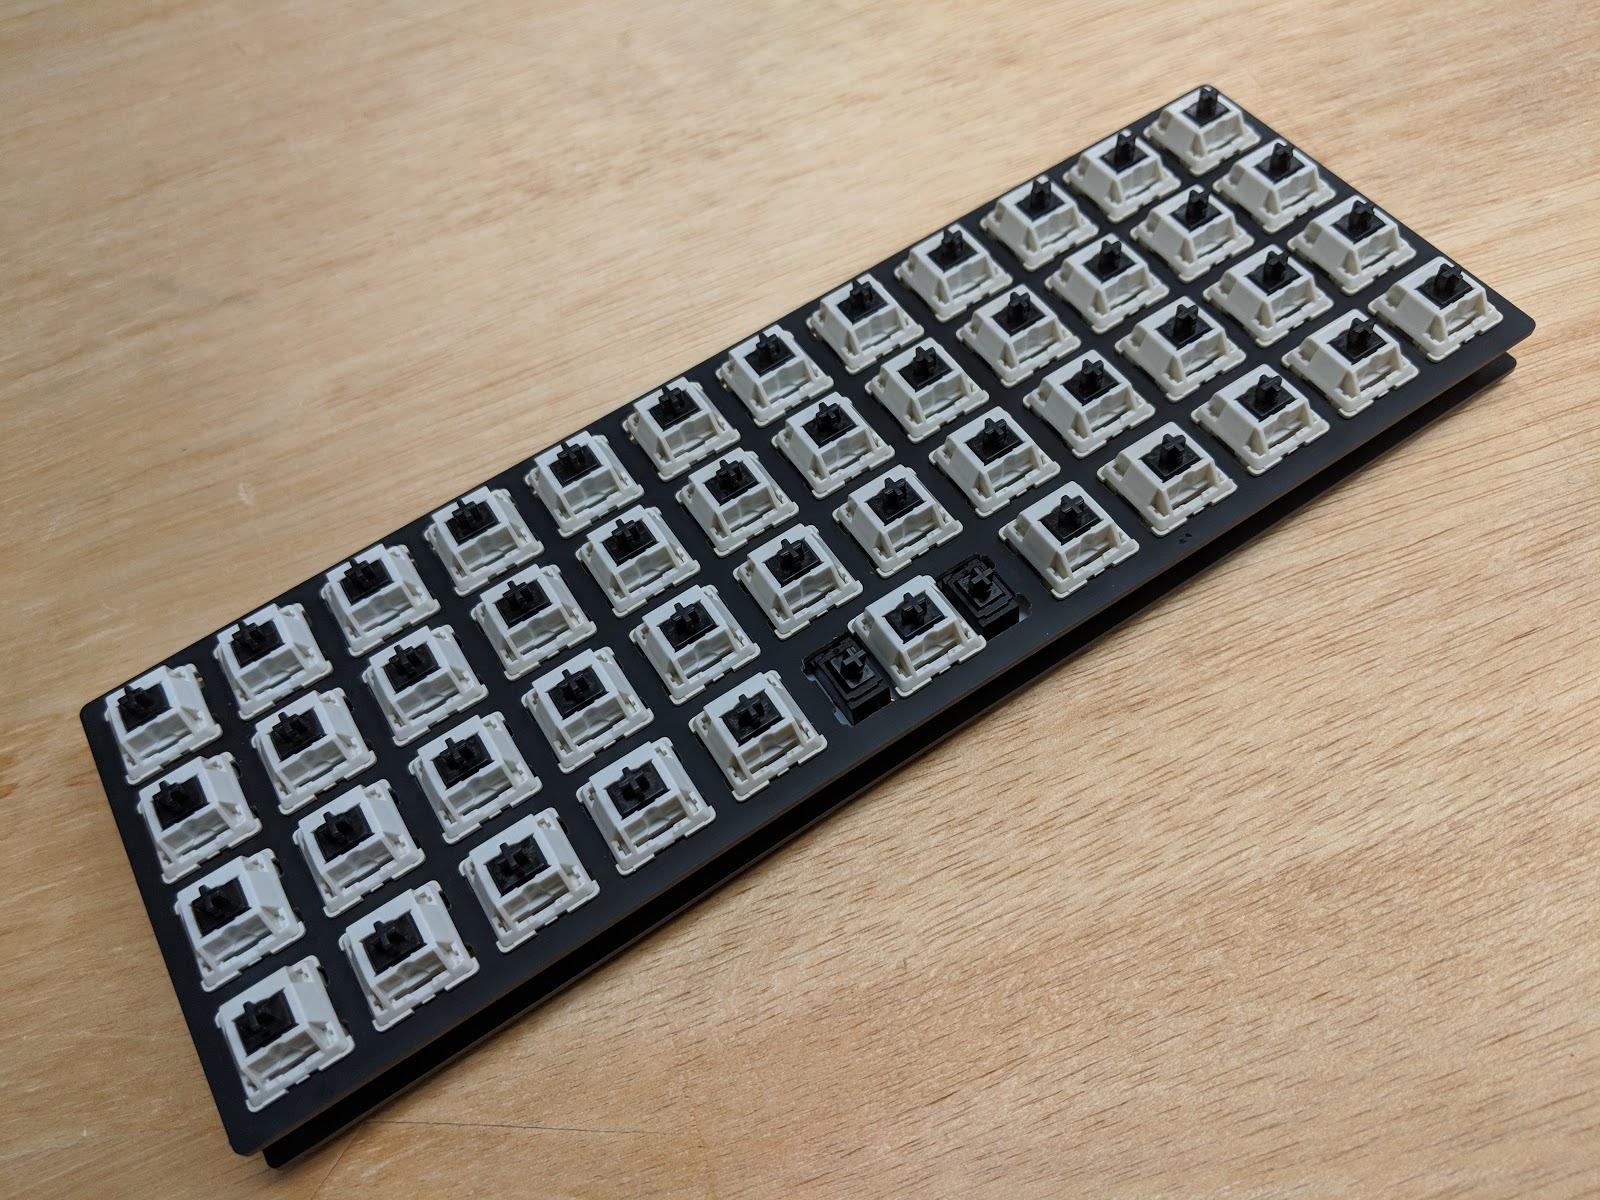 40% Keyboards: EOTW Oreo Planck